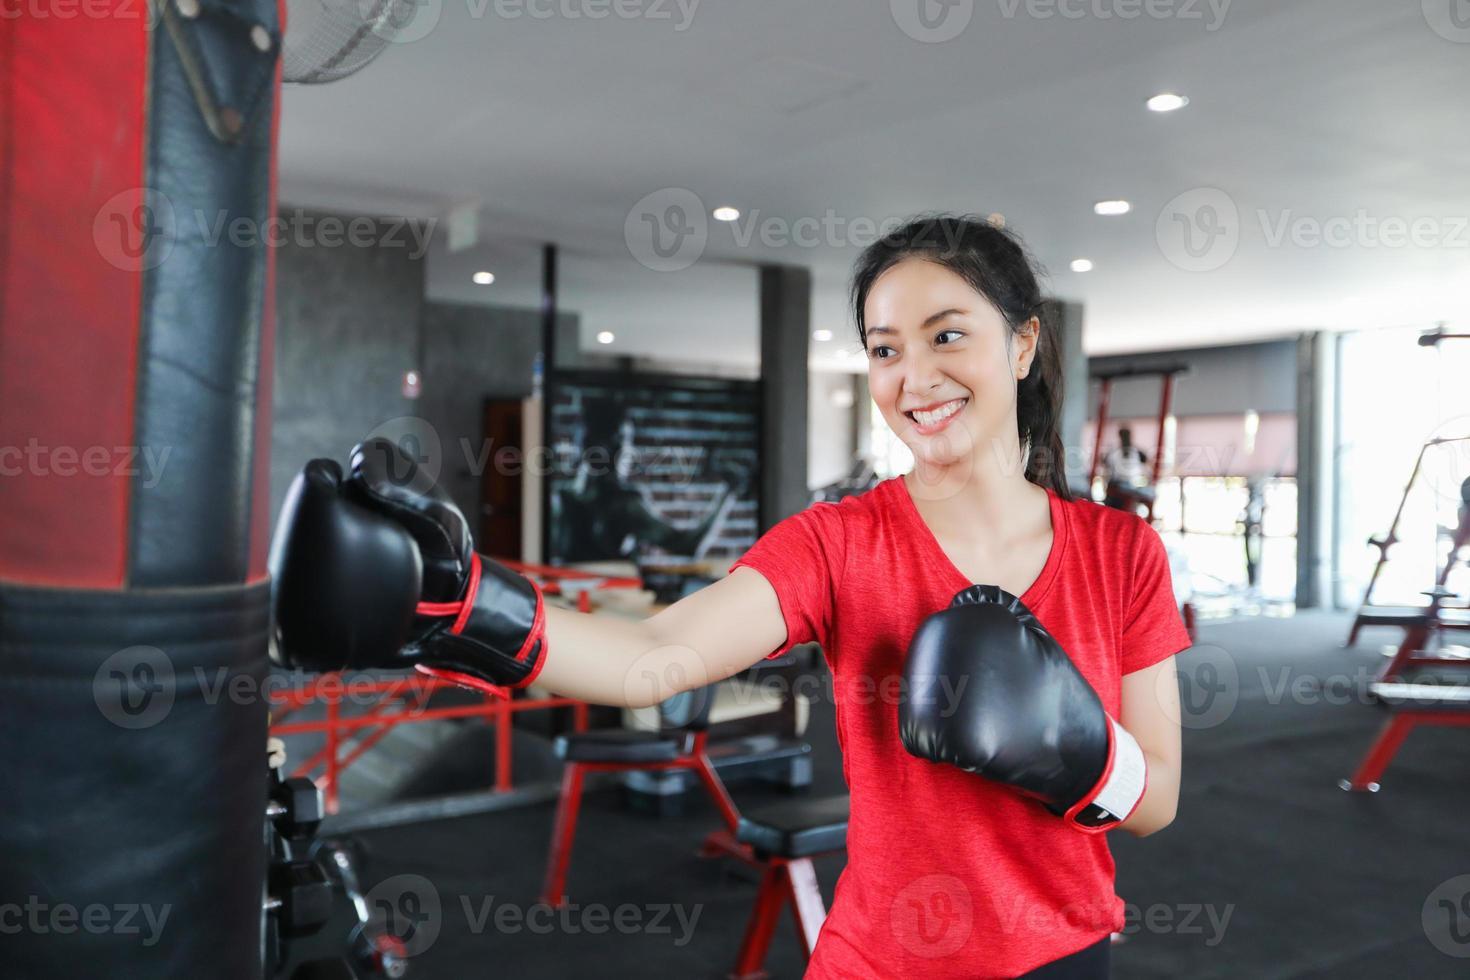 mulheres bonitas boxer asiático feliz e divertido fitness boxe e socar um saco com o uso de luvas de boxe. foto